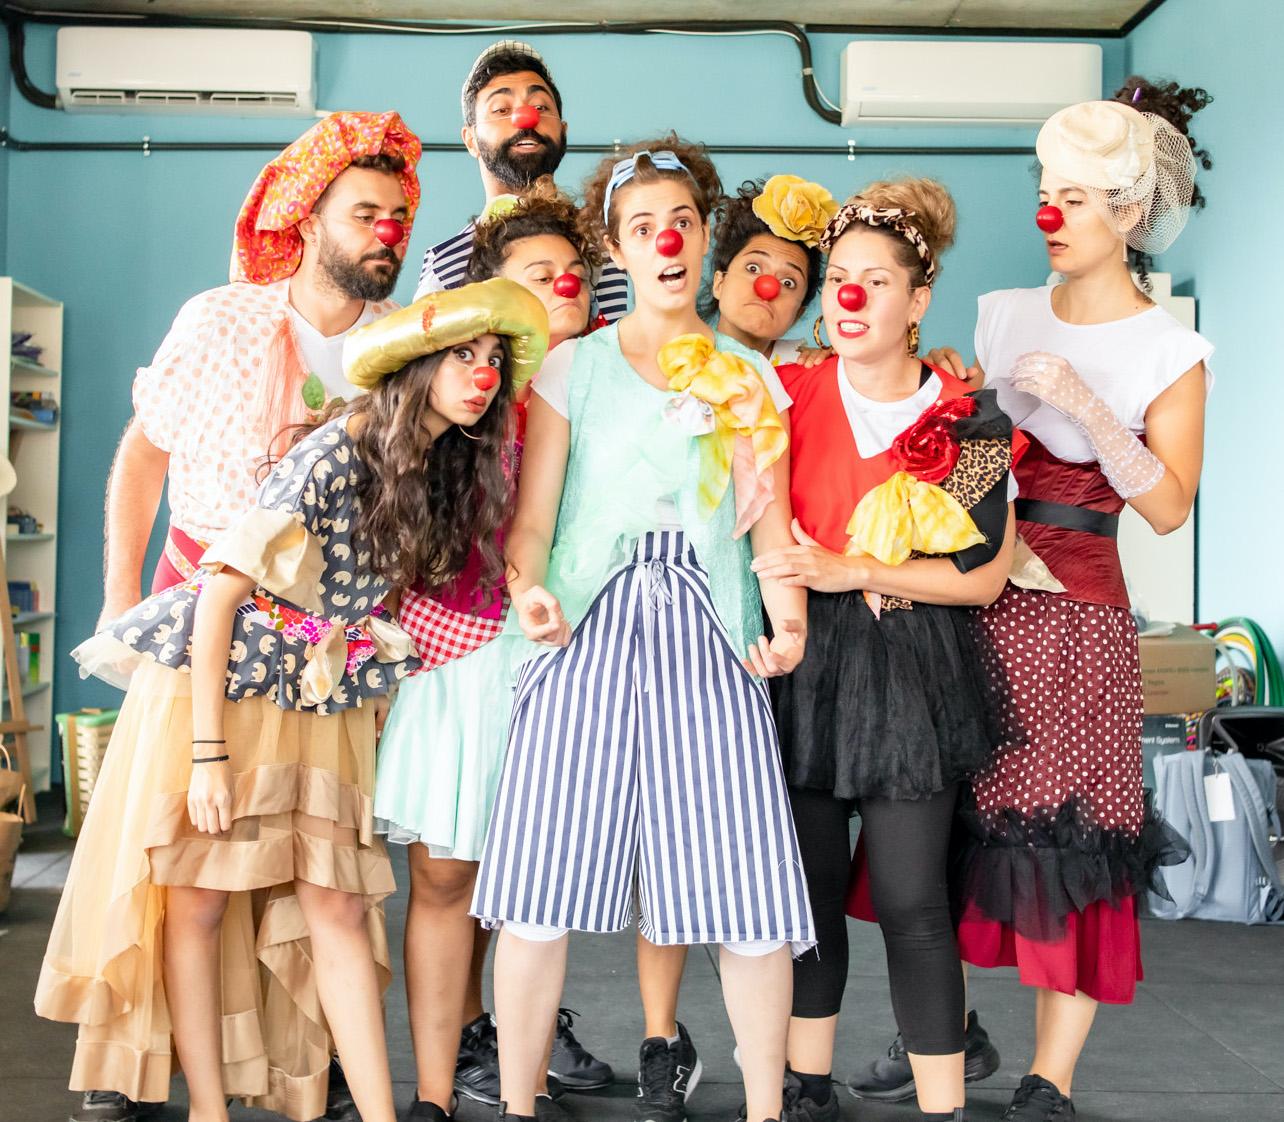 Clown Me In Costumes.jpg